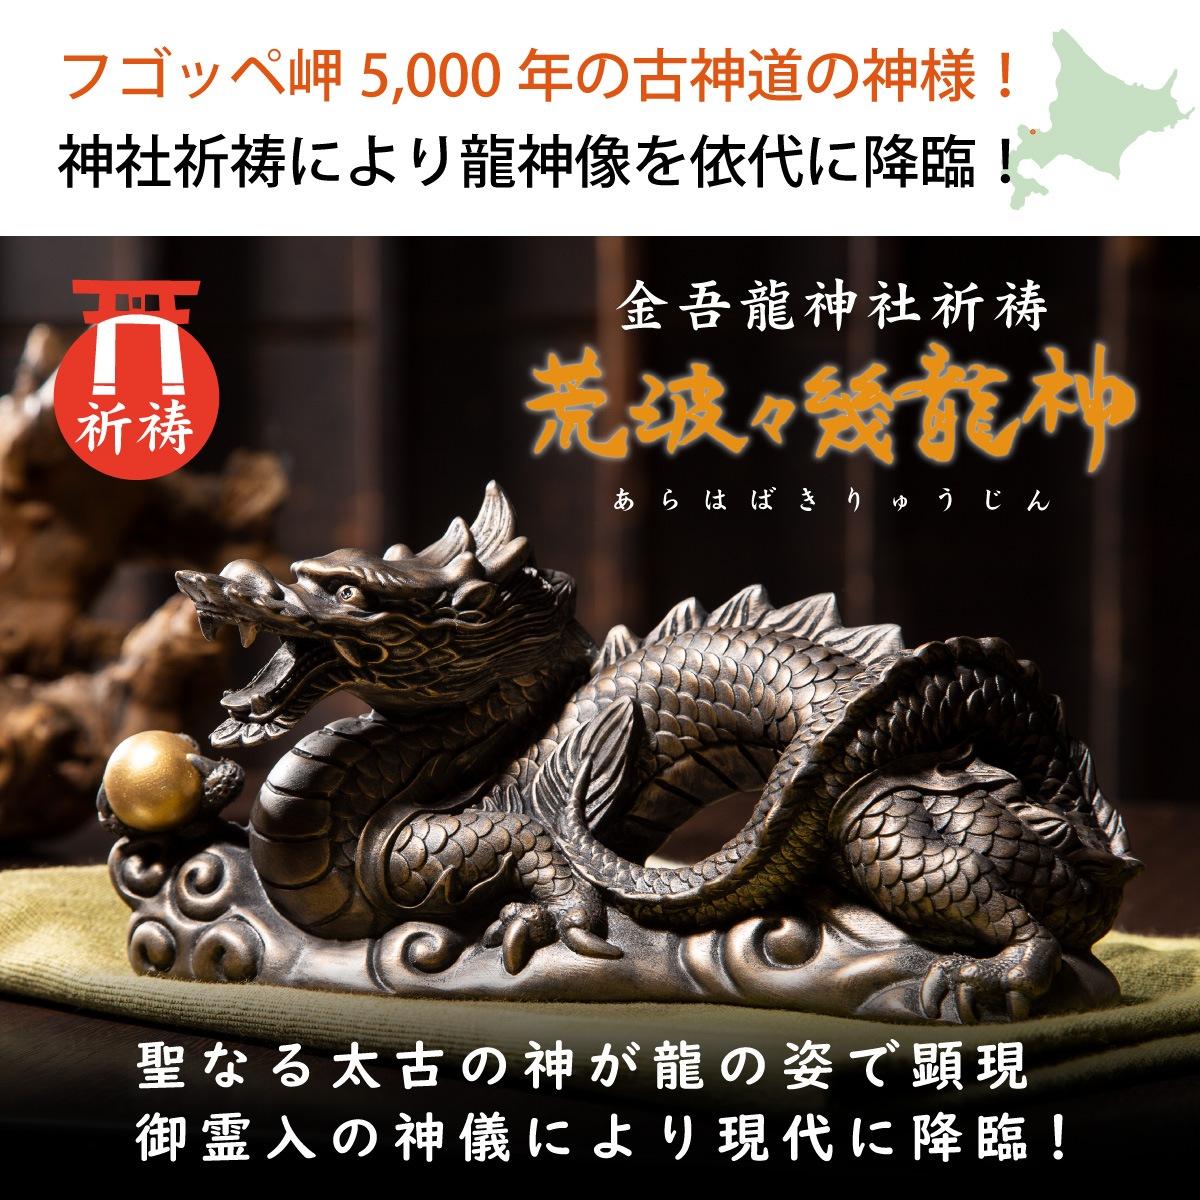 開運祈願に!日本最古級の龍神様を!- 荒波々幾龍神